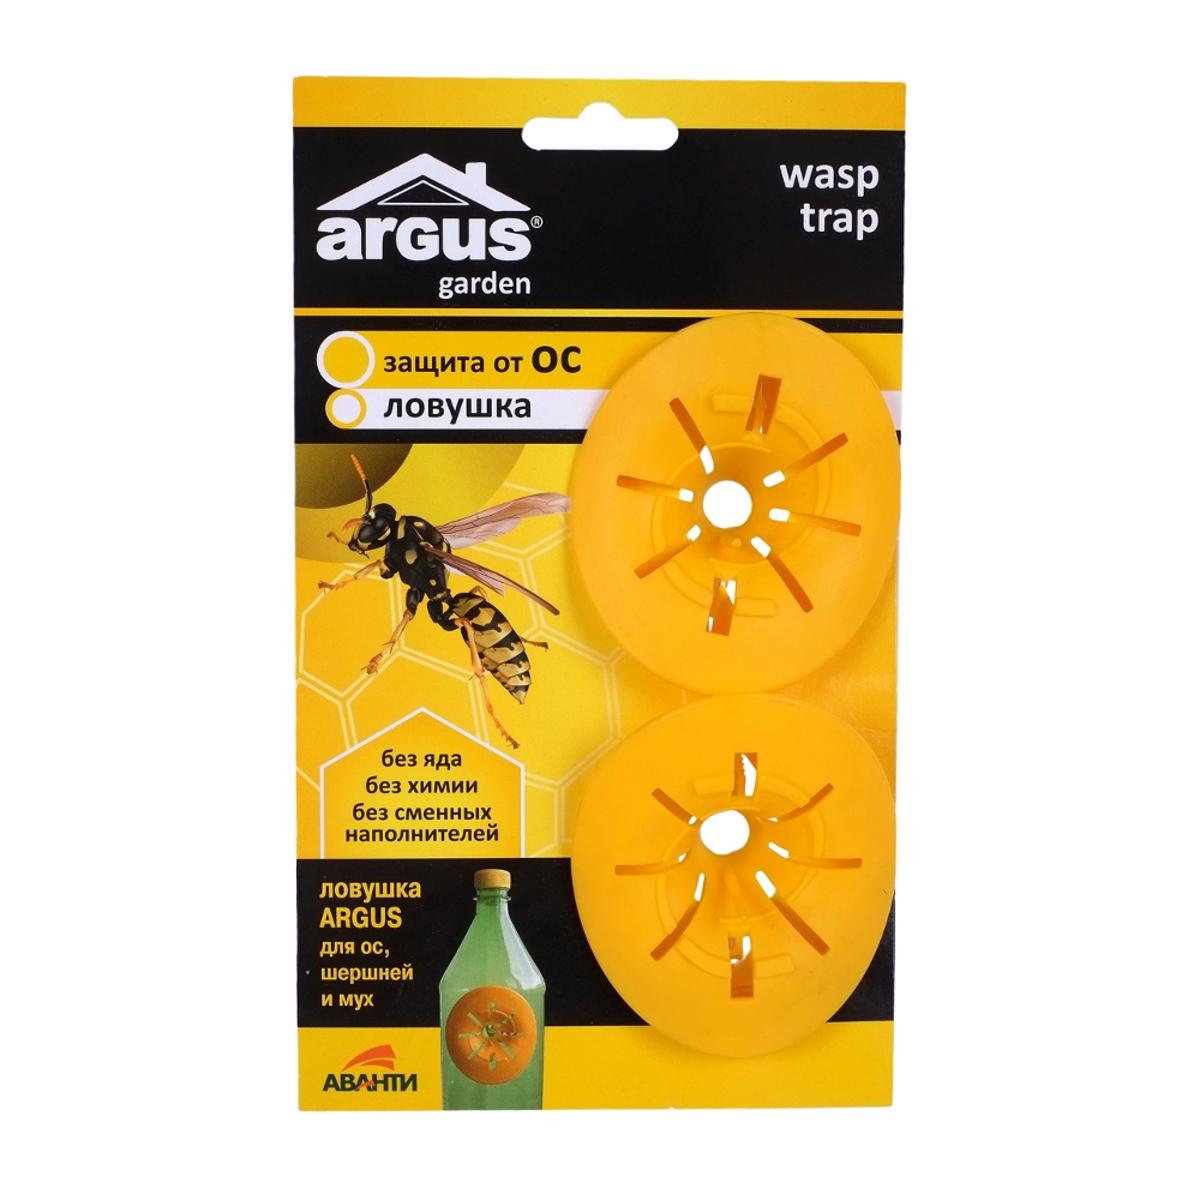 Ловушка для ос, шершней и мух Argus, вставка в бутылку, 2 штСЗ.030006Ловушка Argus - это эффективный и экологически чистый способ отлова ос, шершней и мух . Не содержит яда и химии. Ловушка в виде вставки в бутылку предназначена для использования на открытом воздухе. Попав внутрь ловушки, насекомые уже не смогут выбраться.